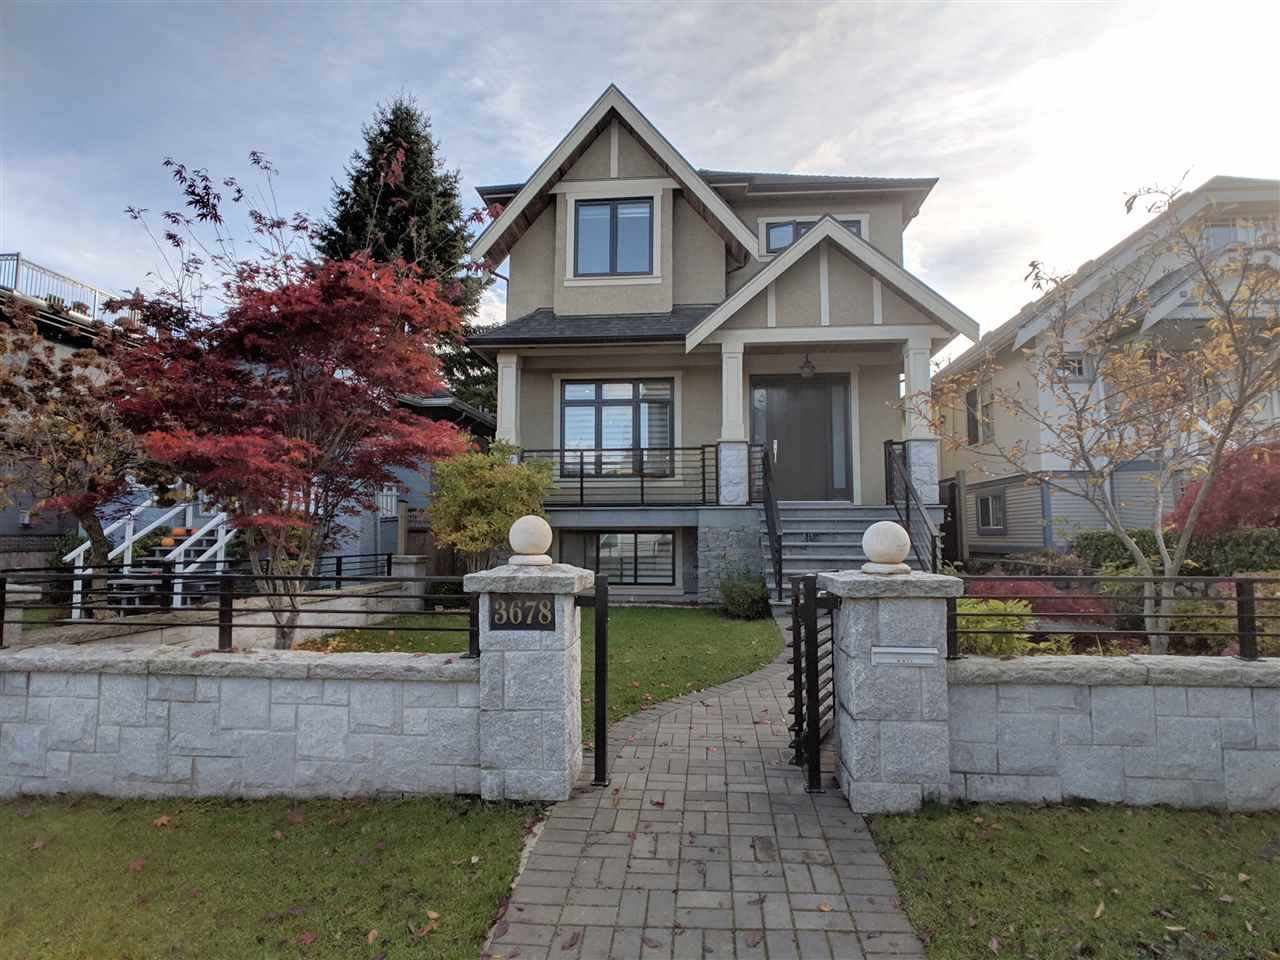 3678 W 19TH AVENUE, Vancouver